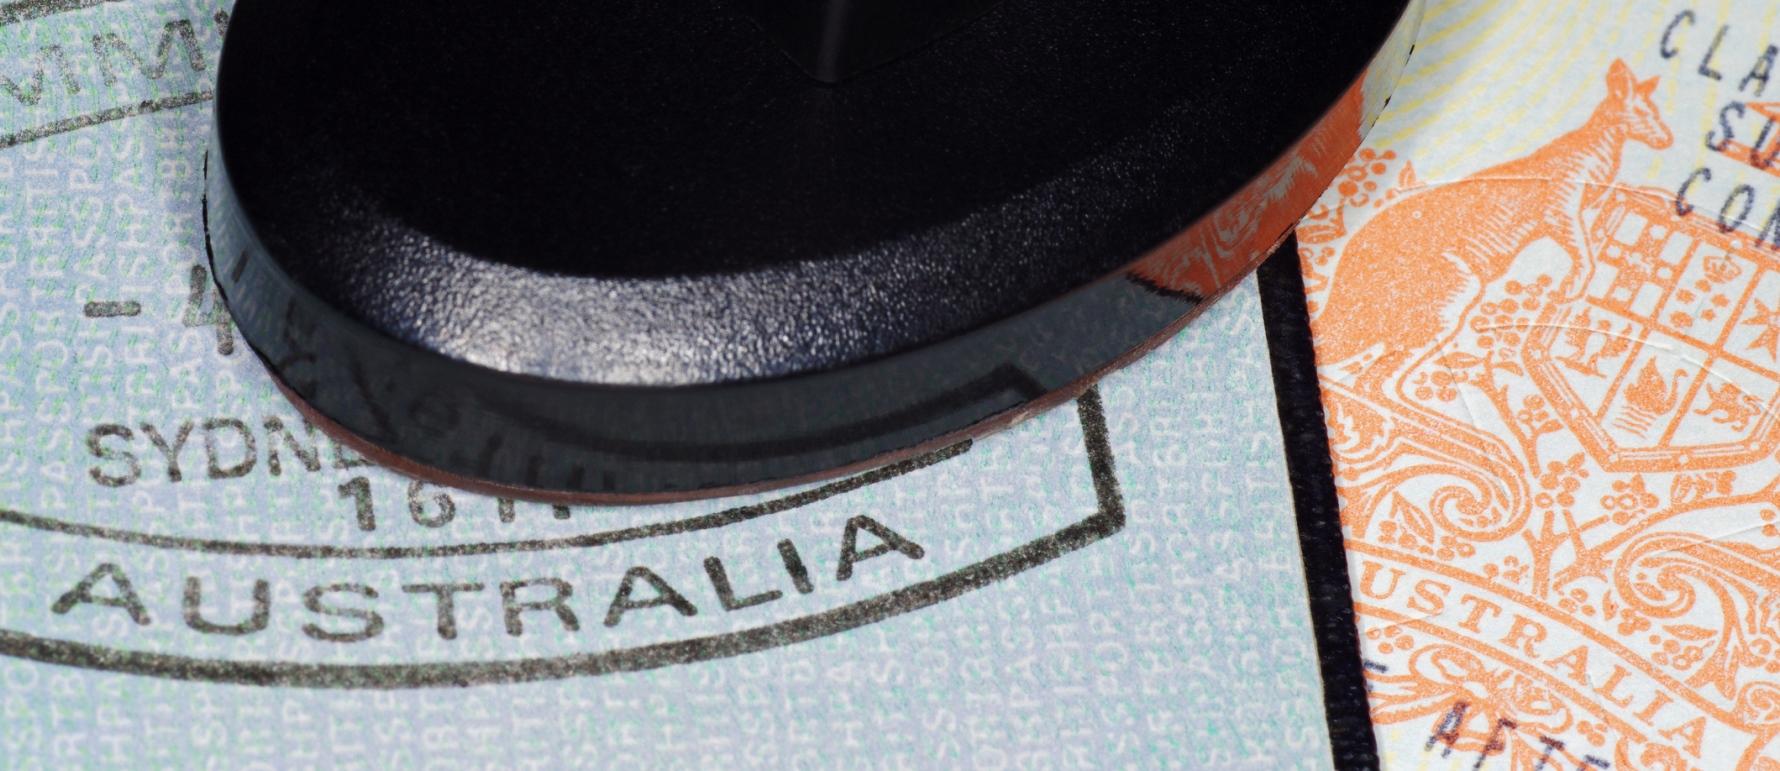 Italiani in australia ecco i dati sui visti for Numero dei parlamentari italiani